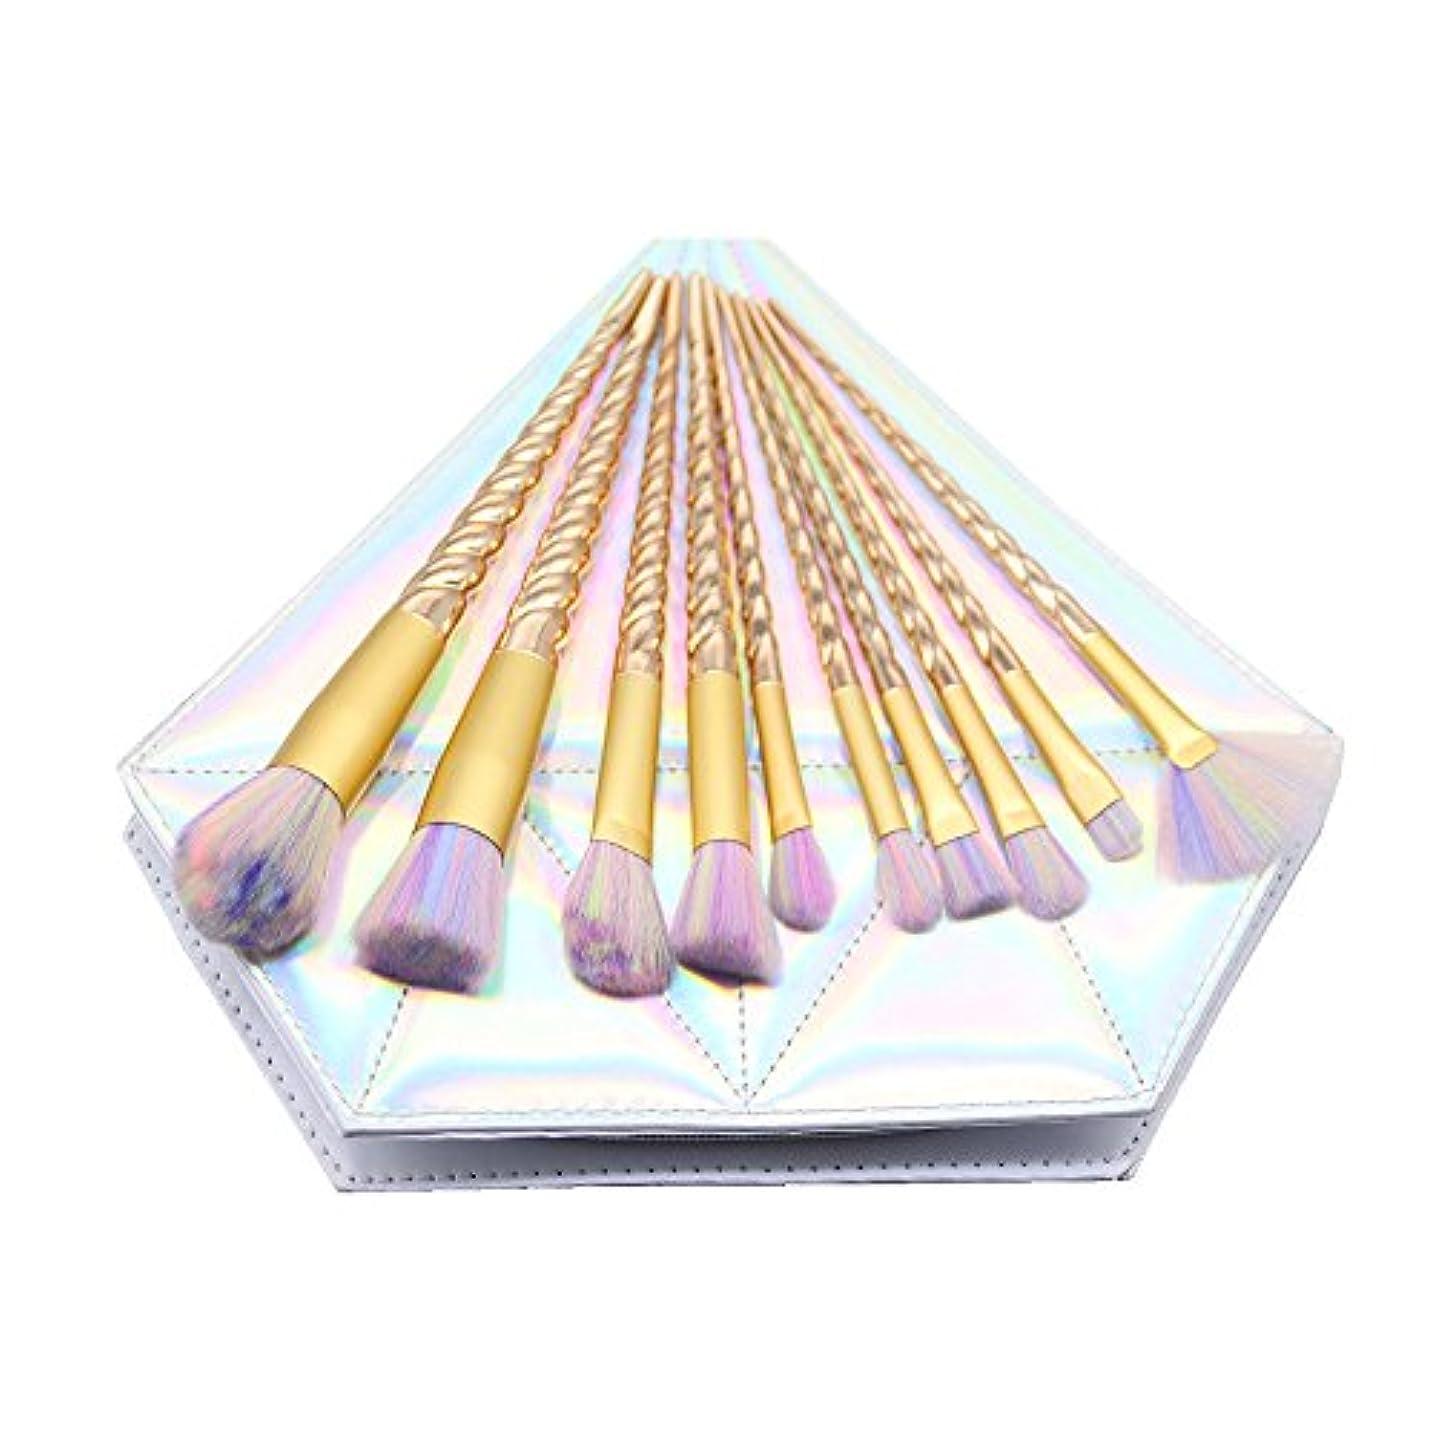 十採用苦痛Dilla Beauty メイクブラシセット 10本セット ユニコーンデザイン プラスチックハンドル 合成毛 ファンデーションブラシ アイシャドーブラッシャー 美容ツール 化粧品のバッグ付き